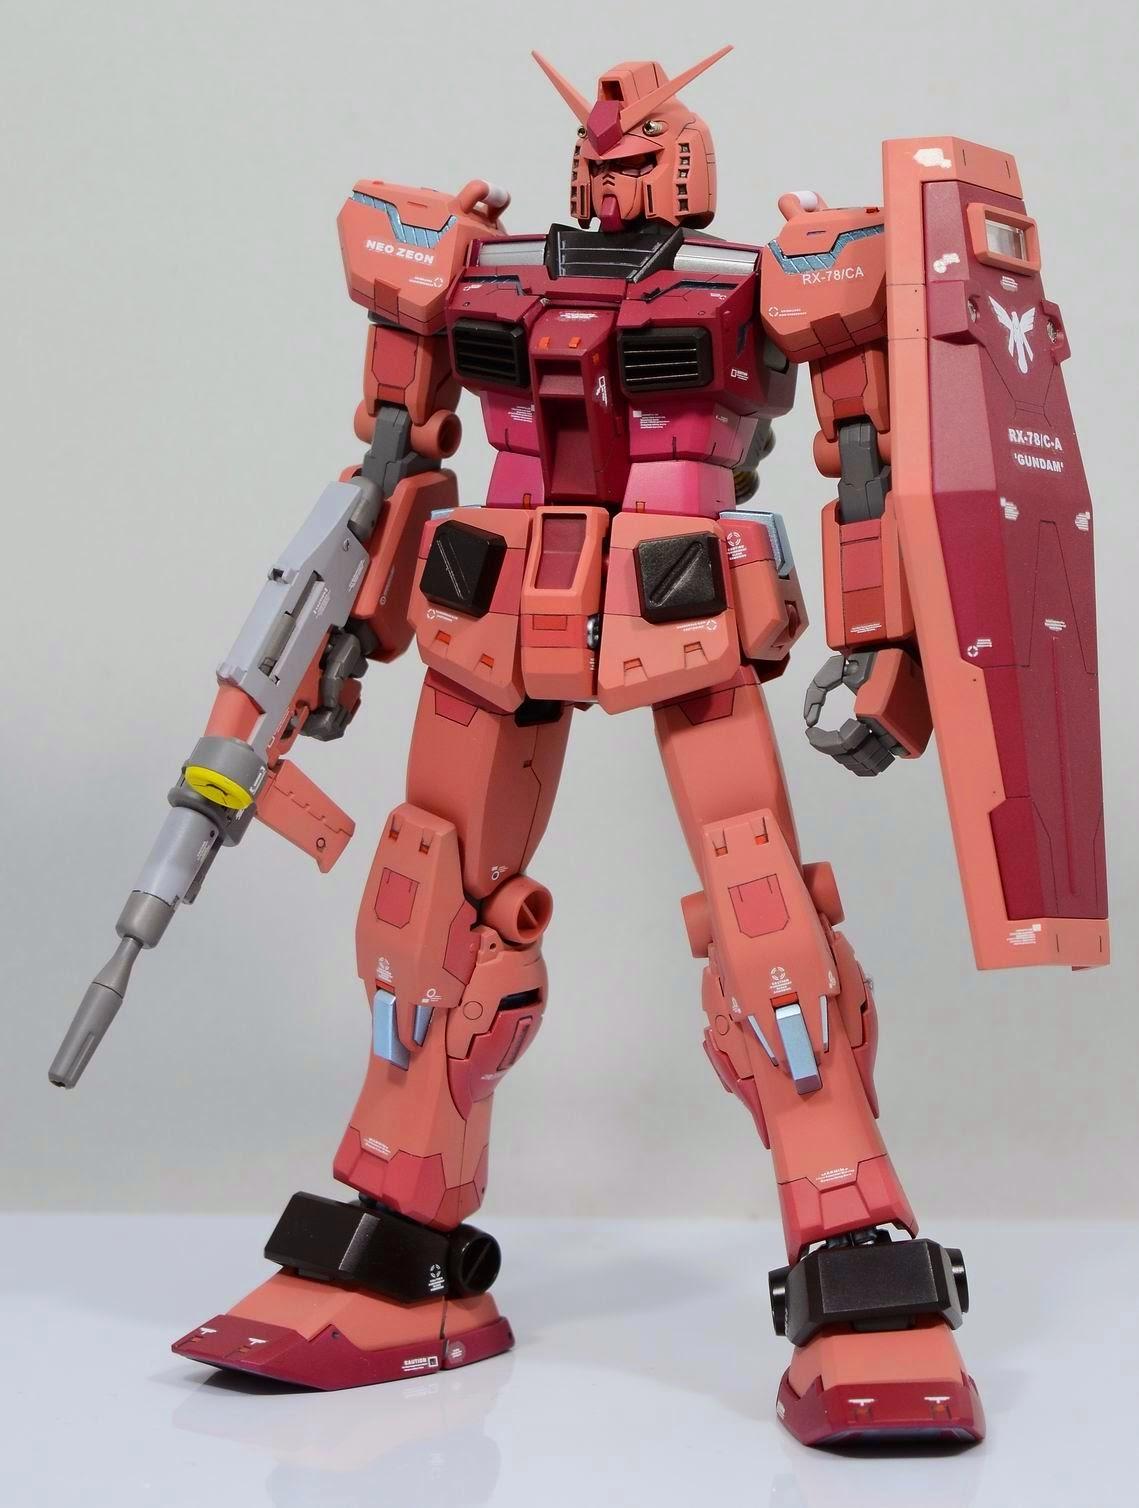 Gundam Family Mg 1 100 Rx 78 Ca Casvals Verka Custom Build Rx78 2 114215